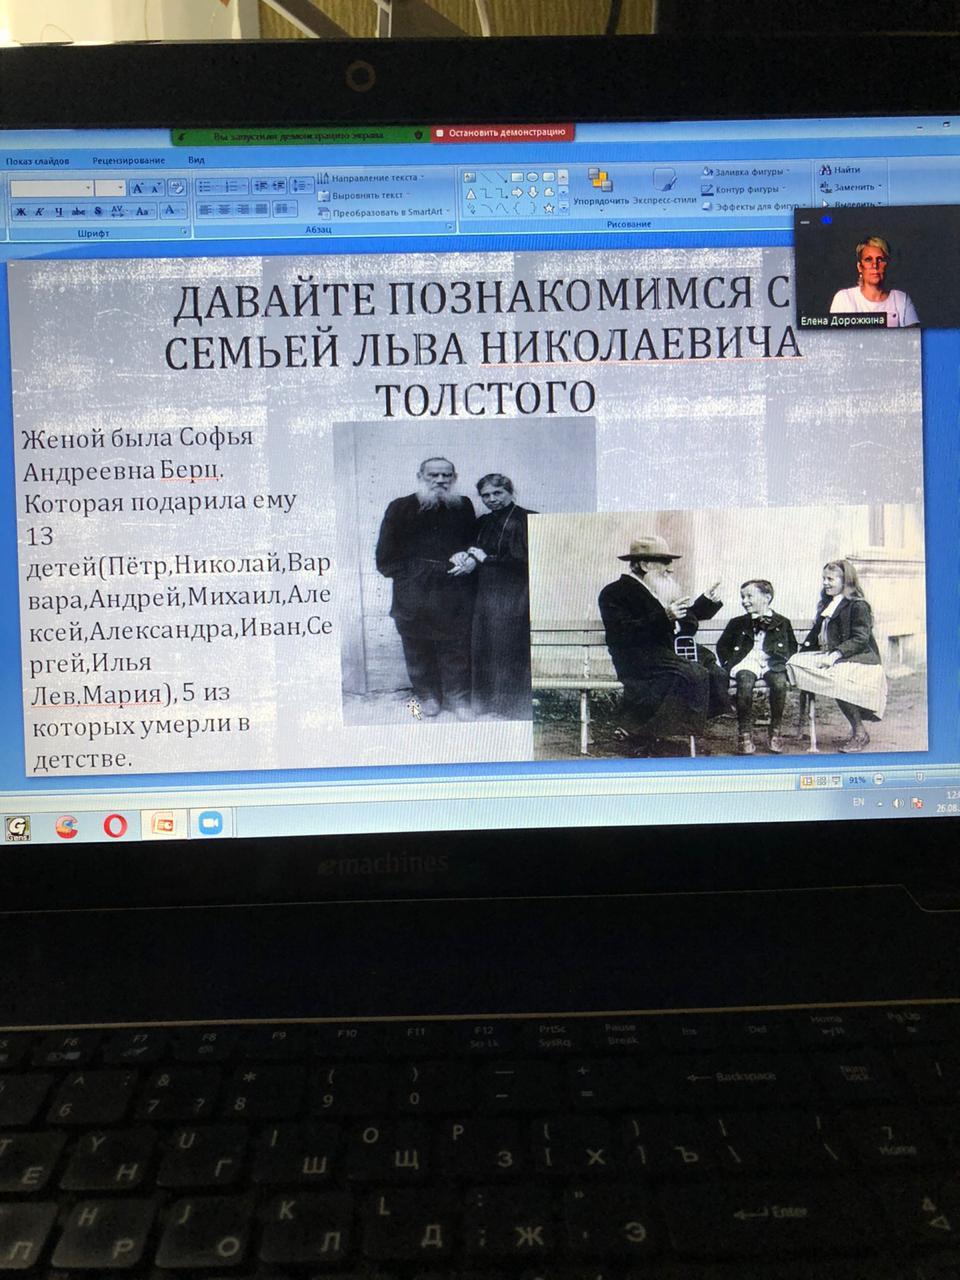 leto-tvoikh-vozmozhnostej-26-08-2020